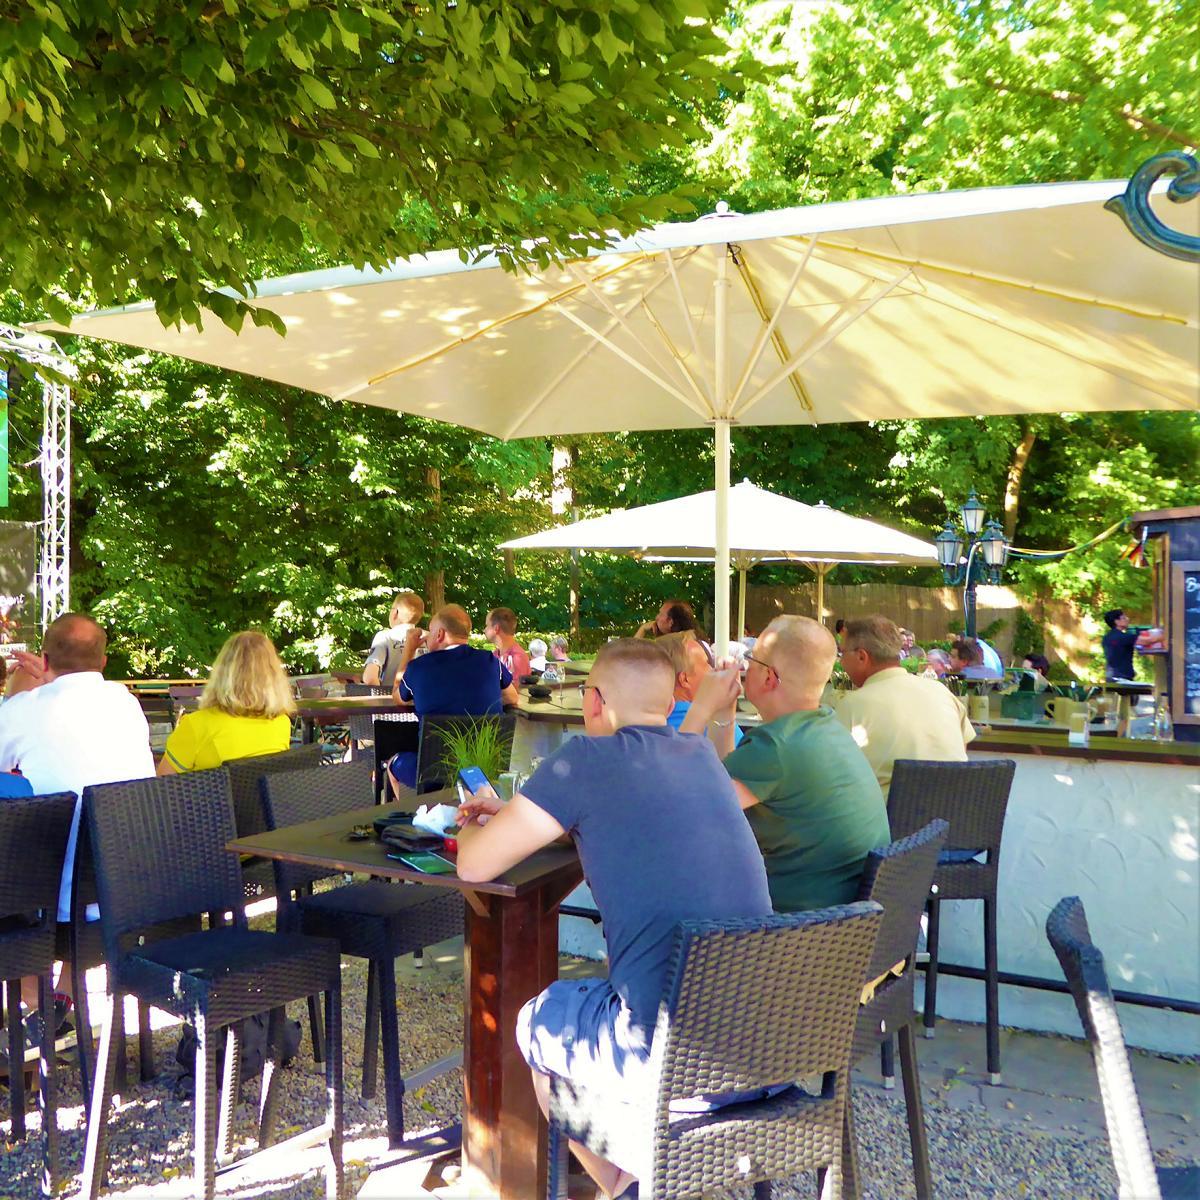 Style Hannover Biergarten Vier Jahreszeiten - Biergärten in Hannover